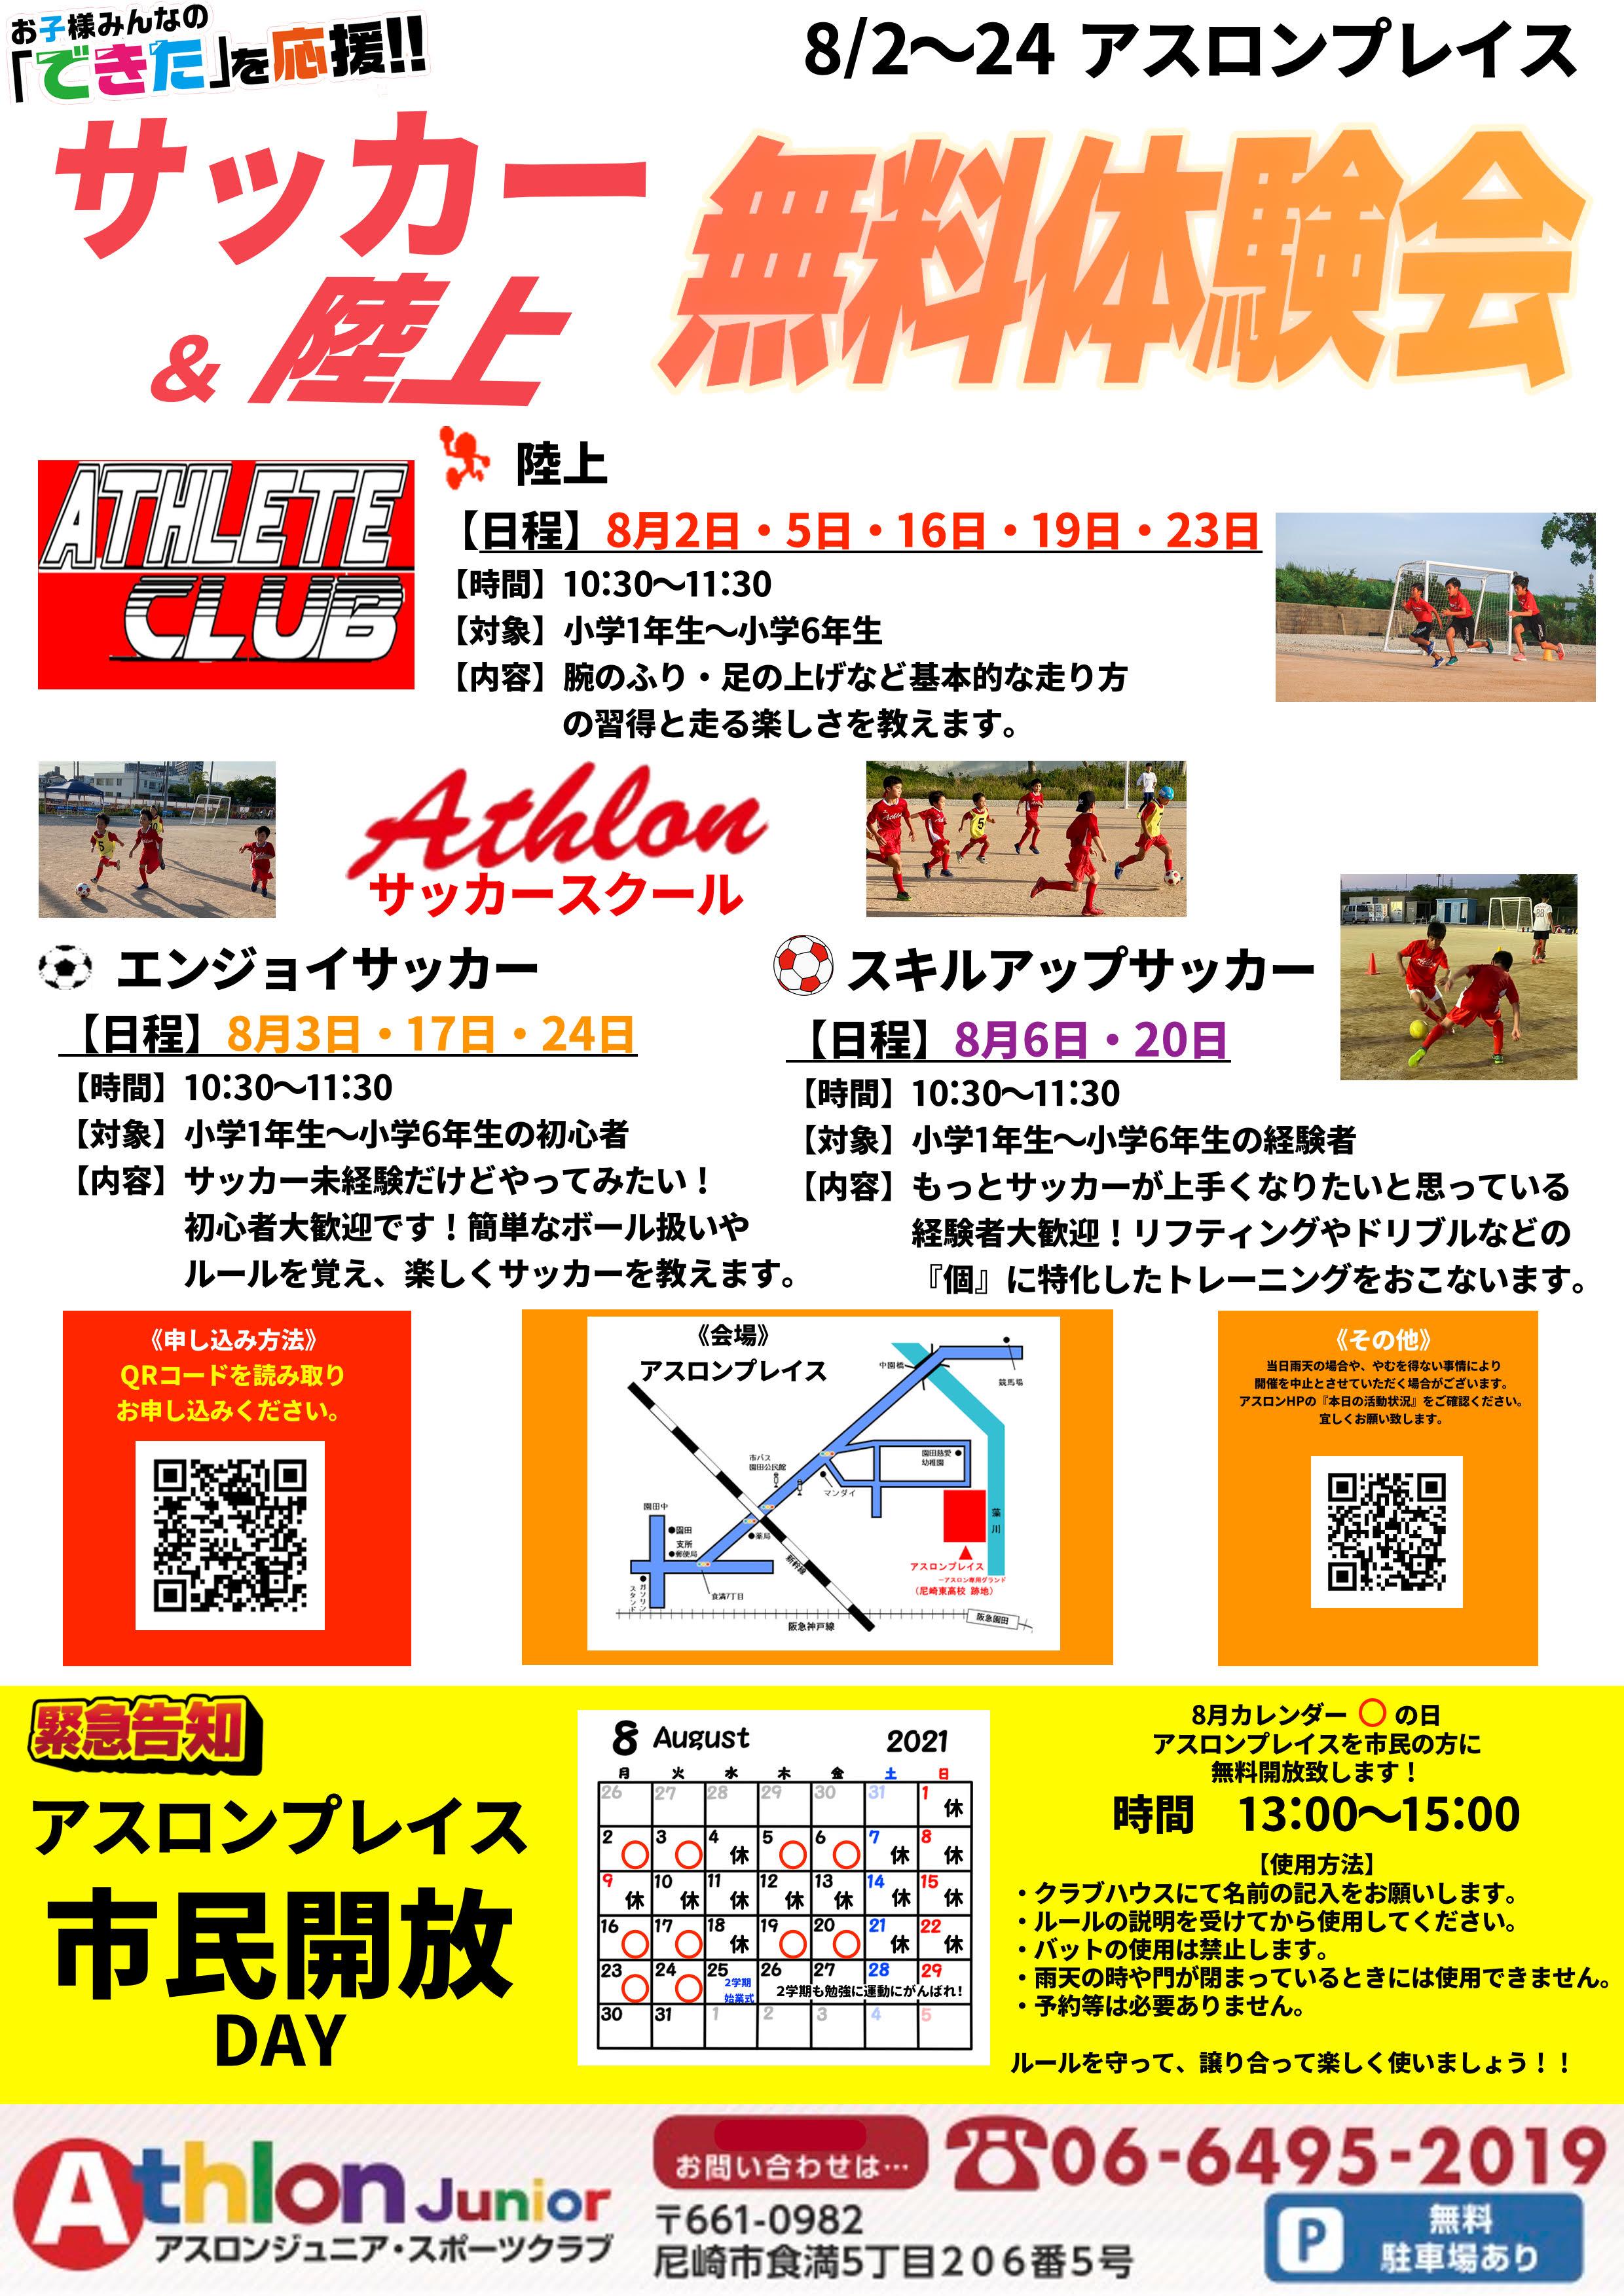 サッカー&陸上 無料体験会